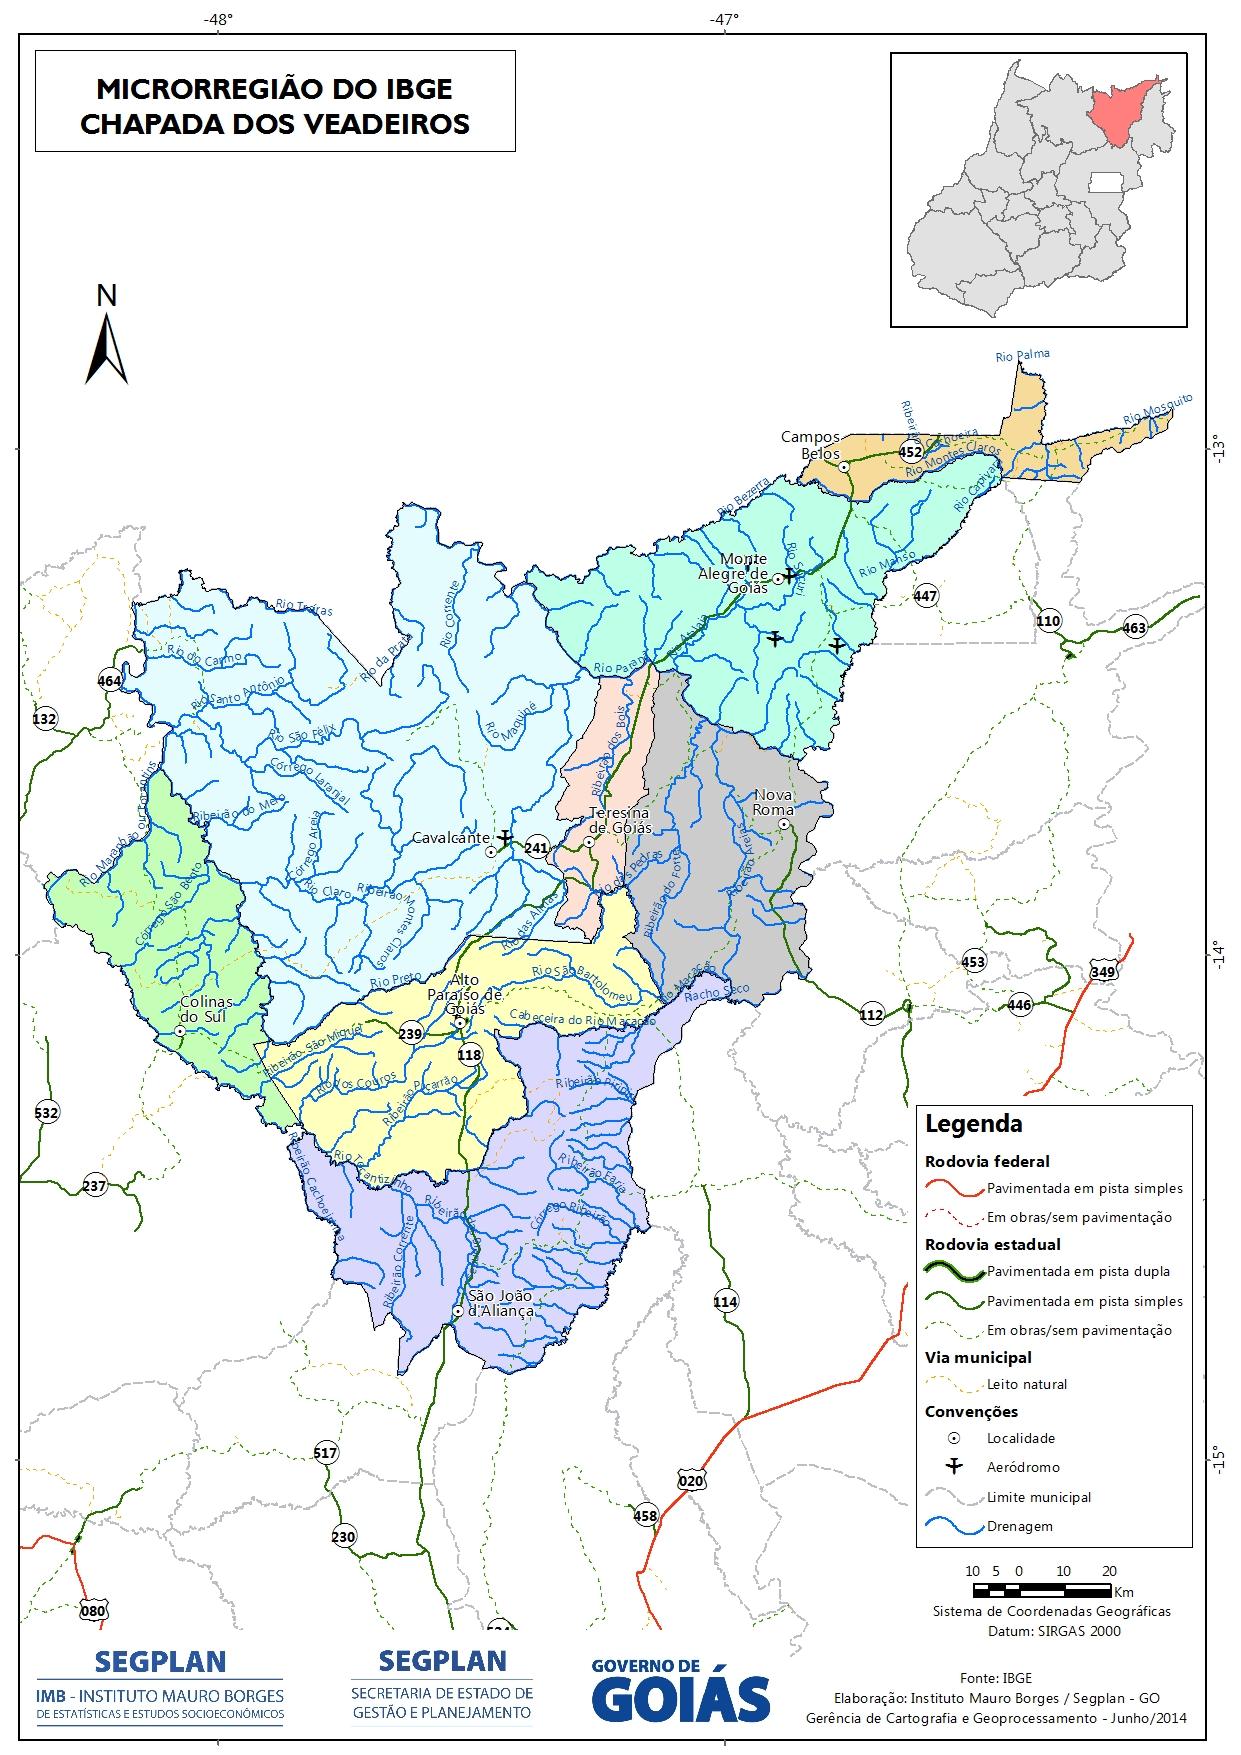 Mapas das Microrregiões do Estado de Goiás - IBGE